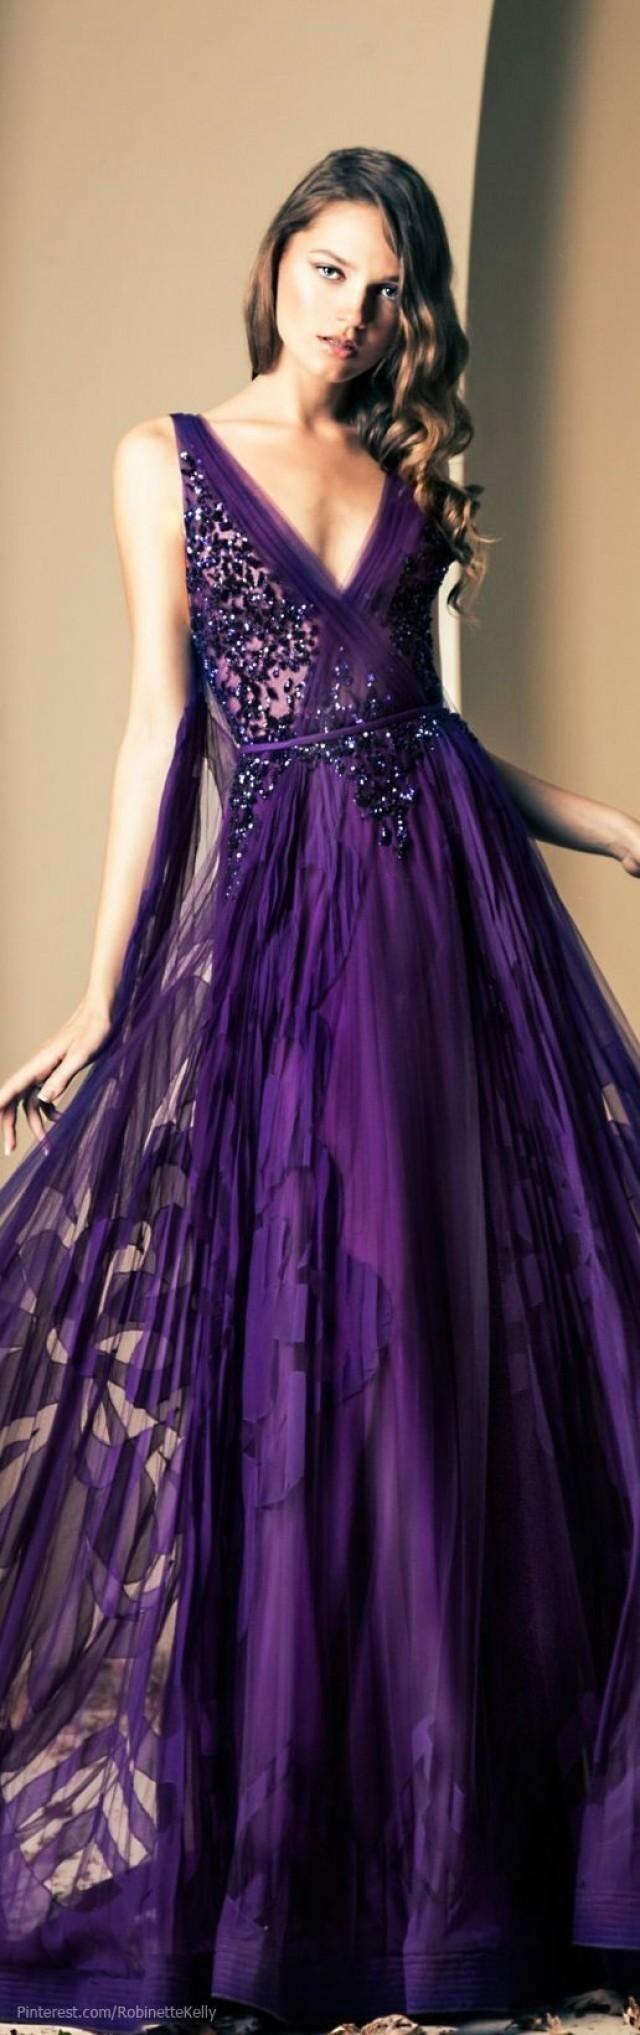 Achados........dali e daqui purple